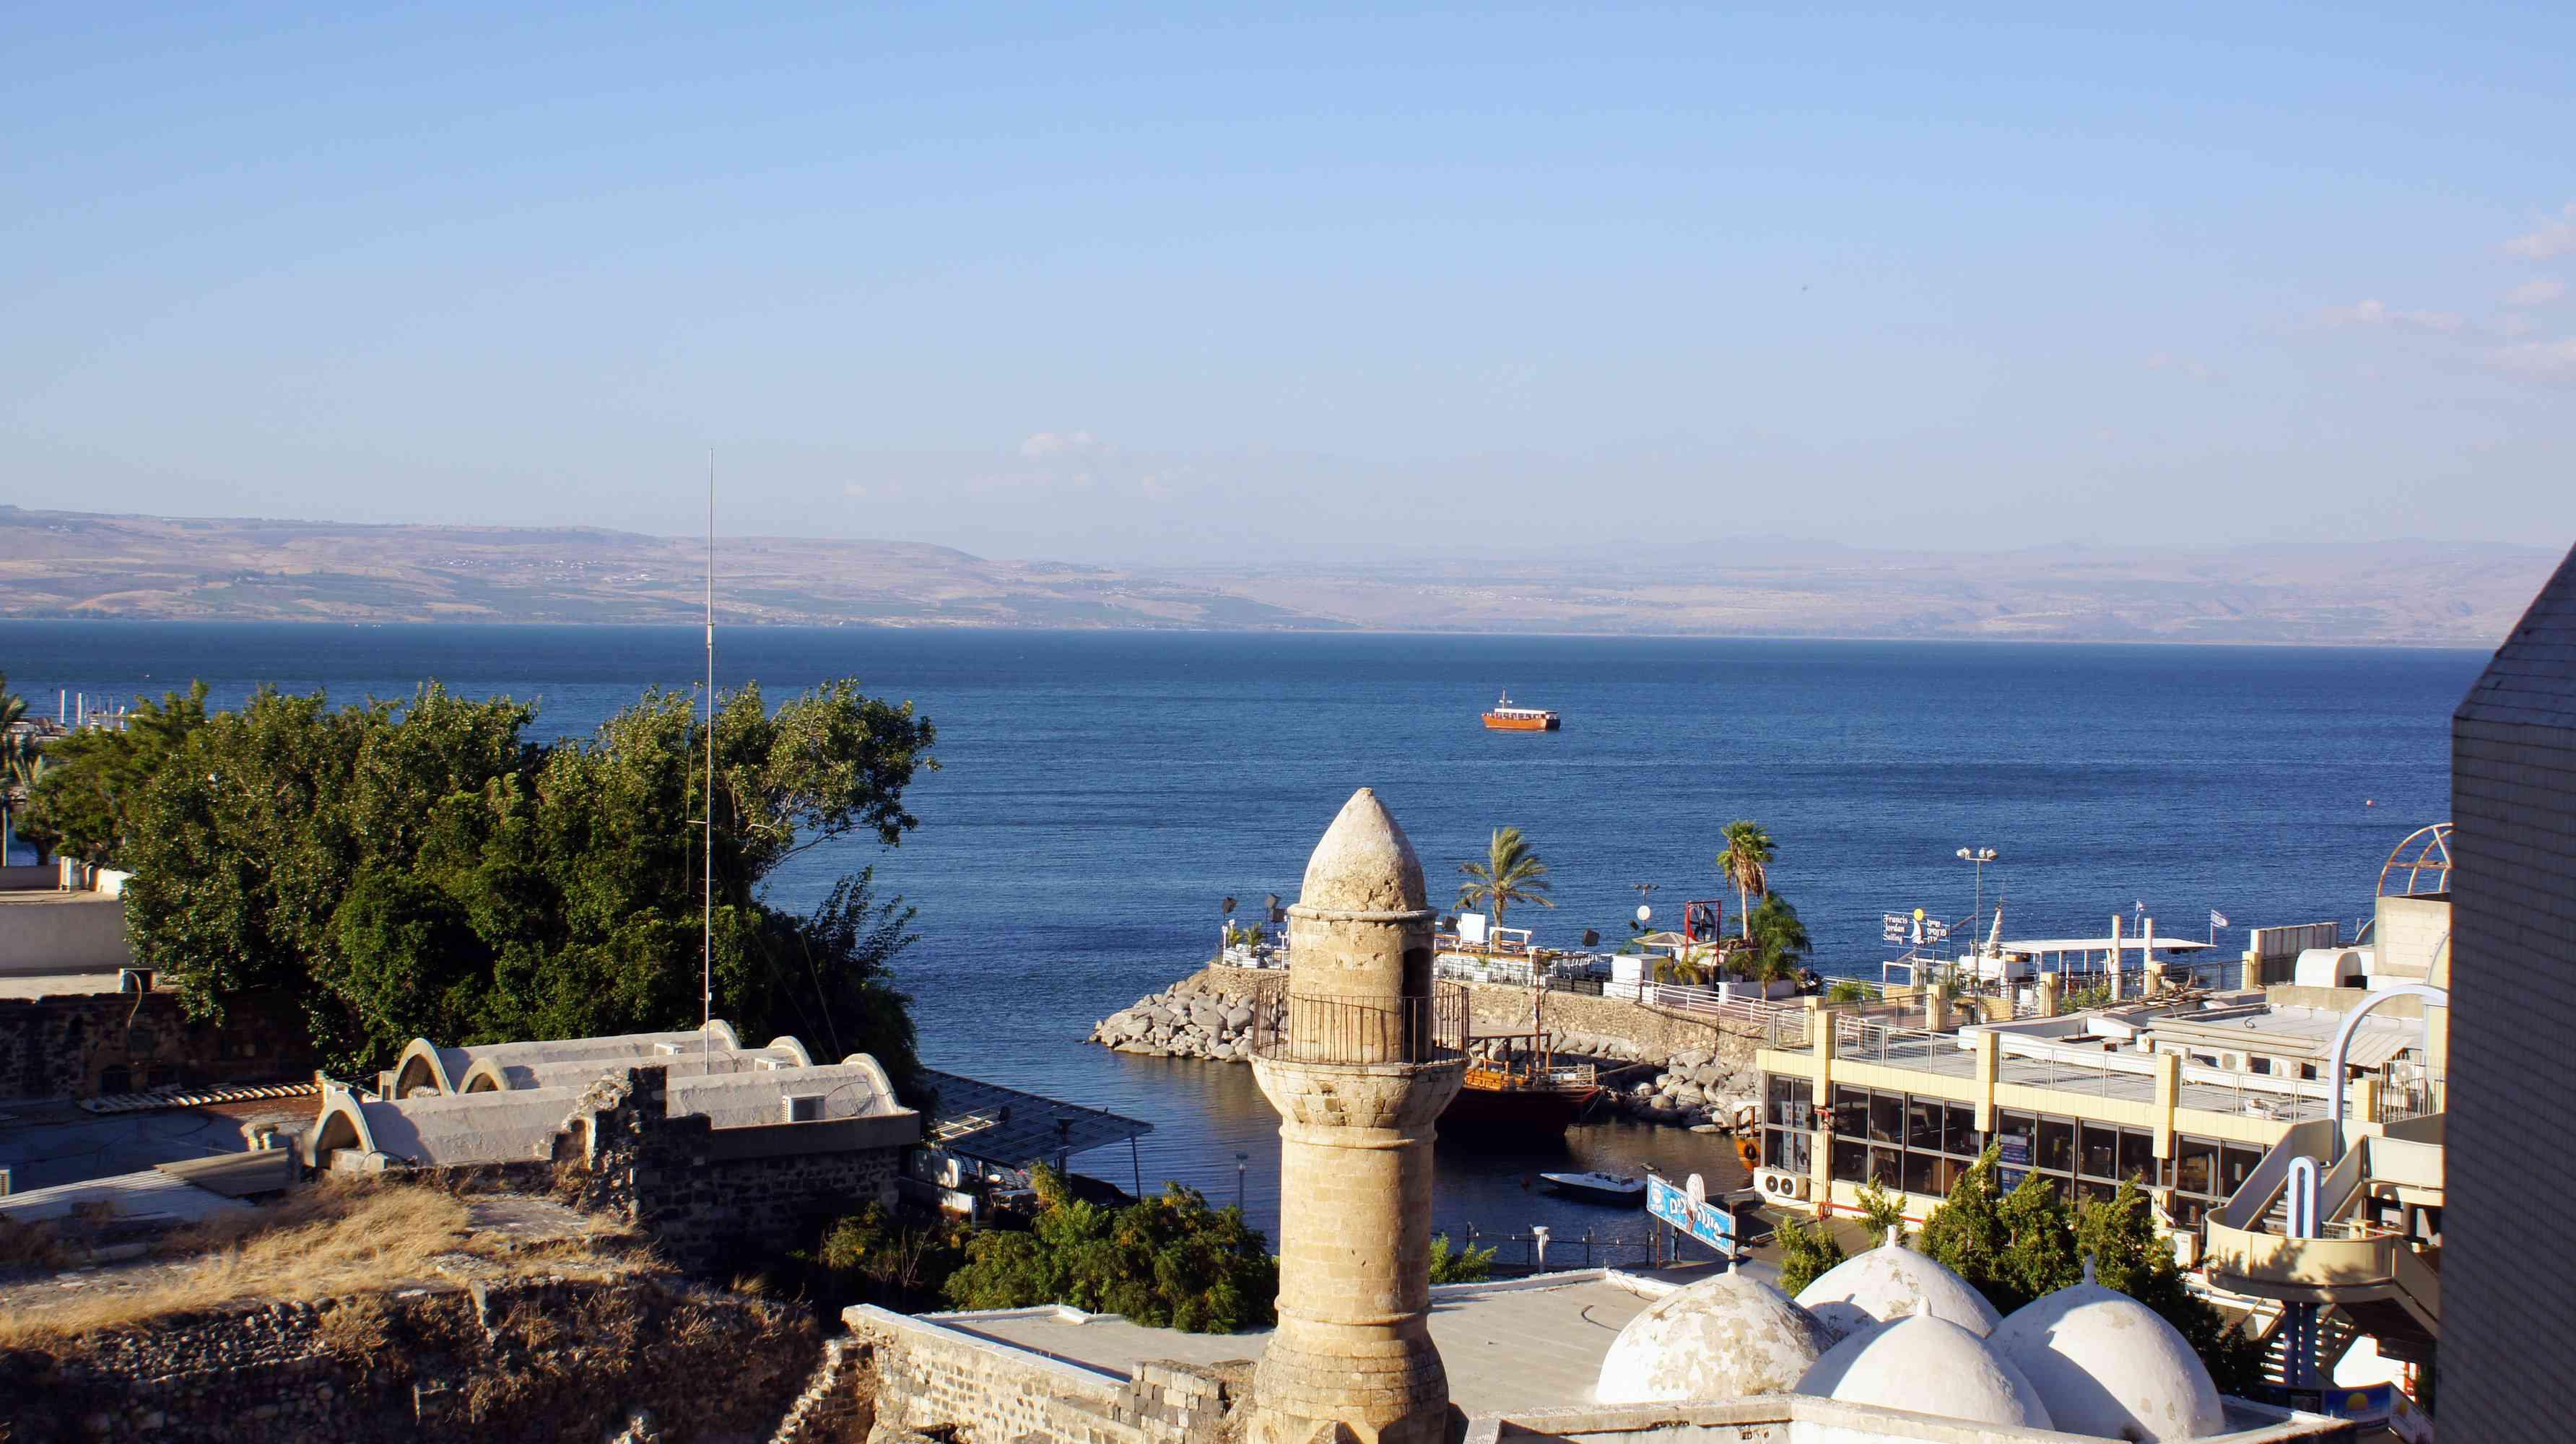 Tiberias, Sea of Galilee, Israel